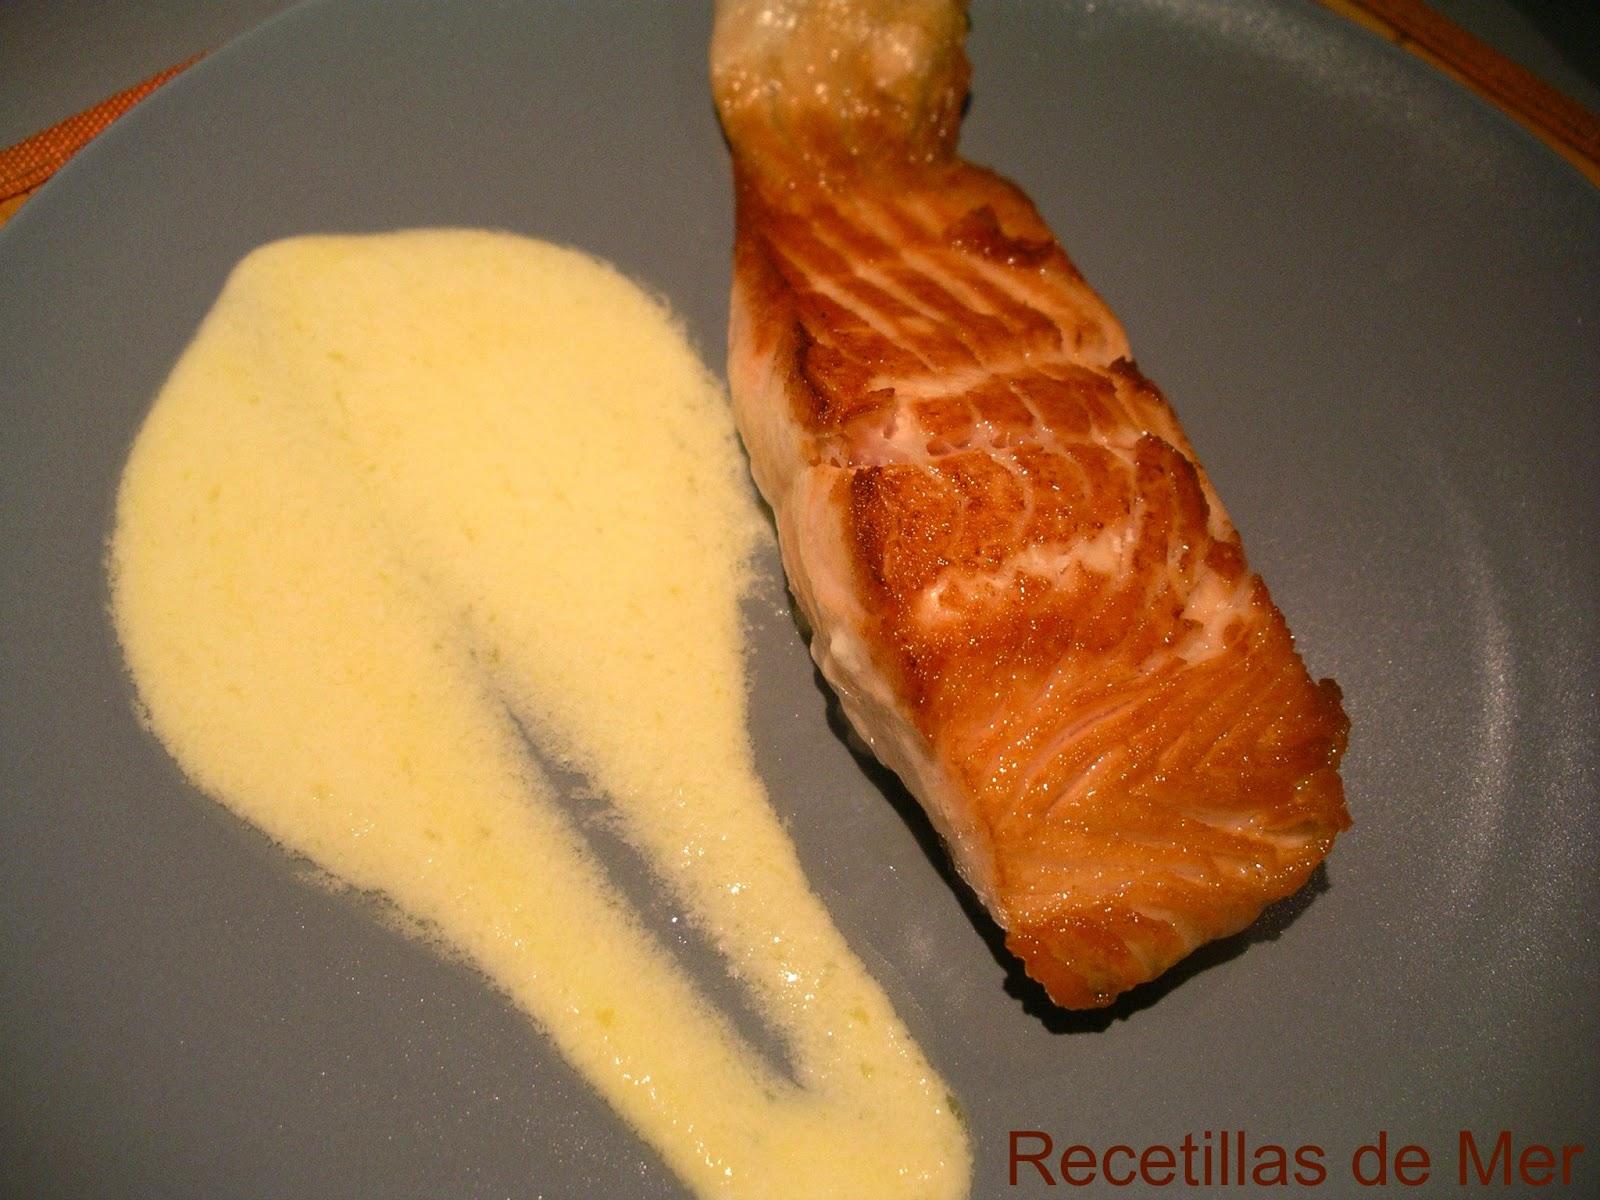 salmon. Recetillas de Mer